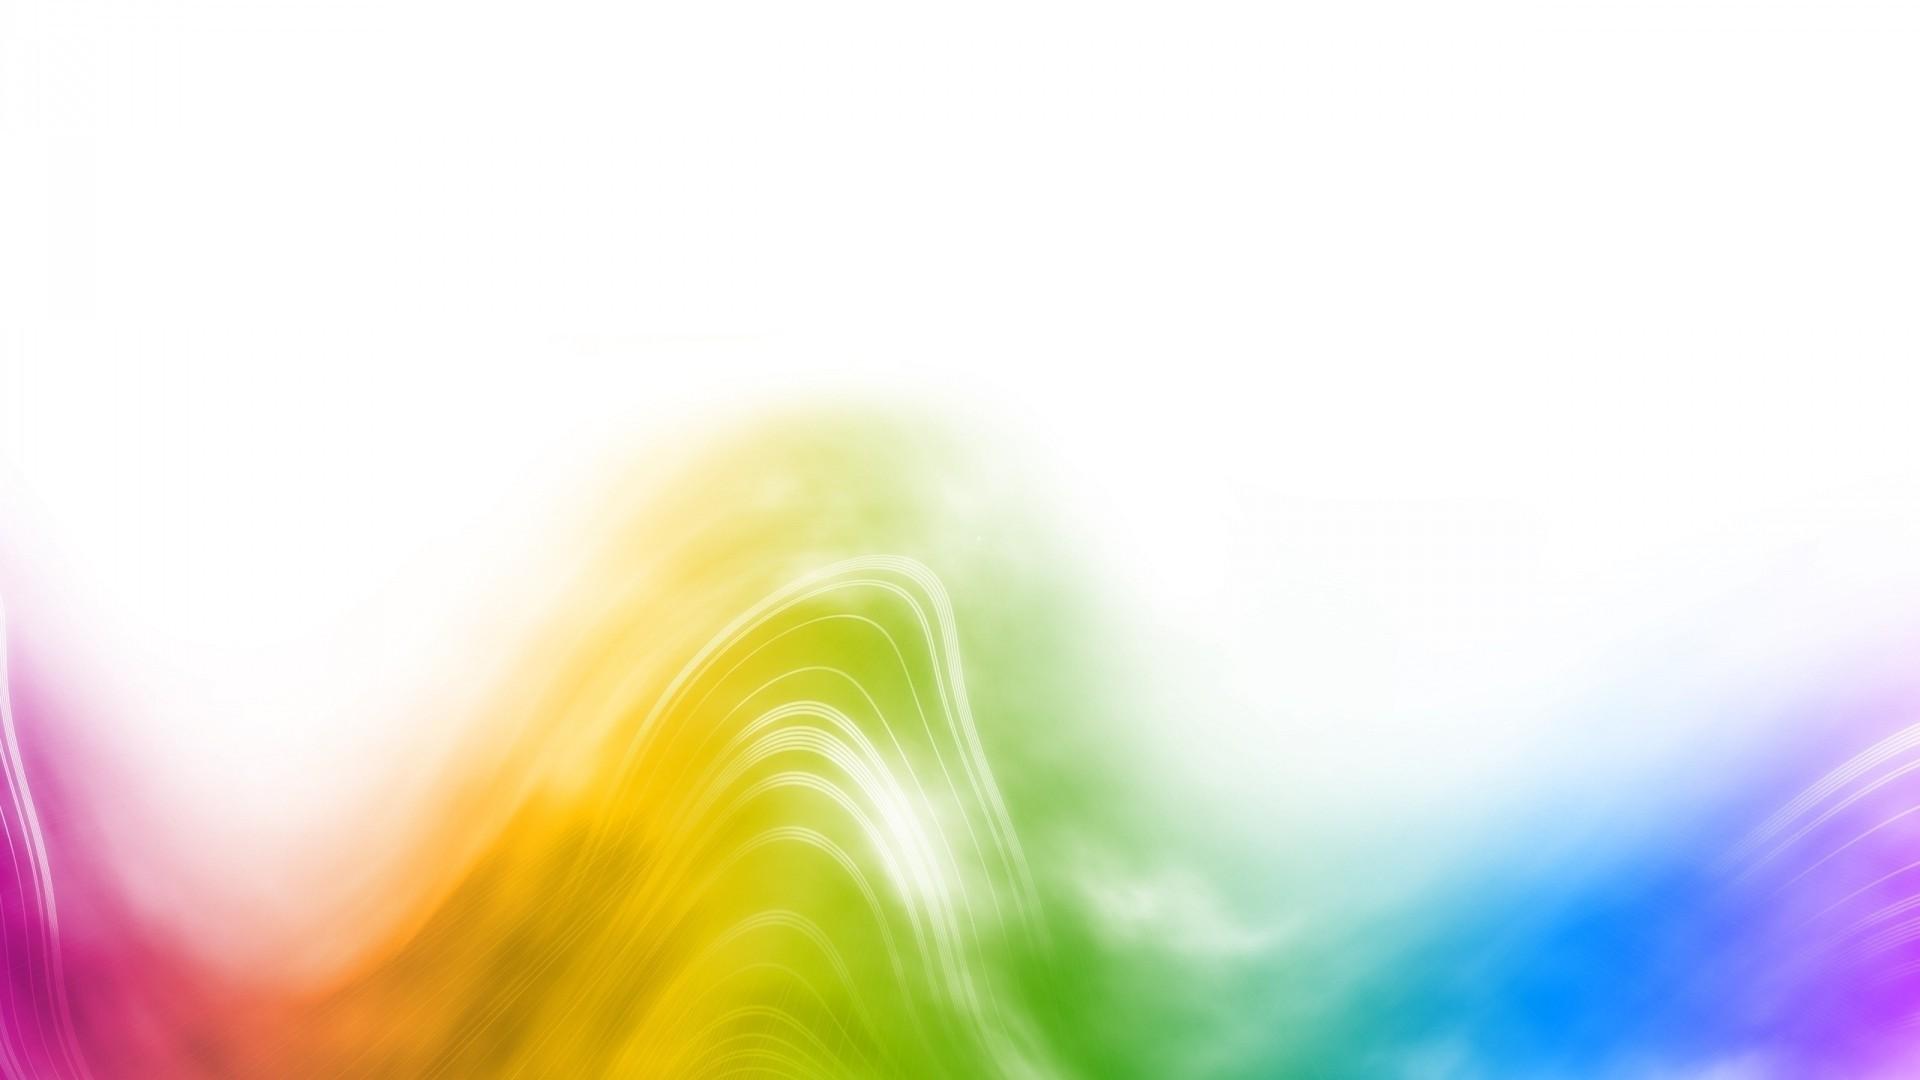 Light Color a wallpaper